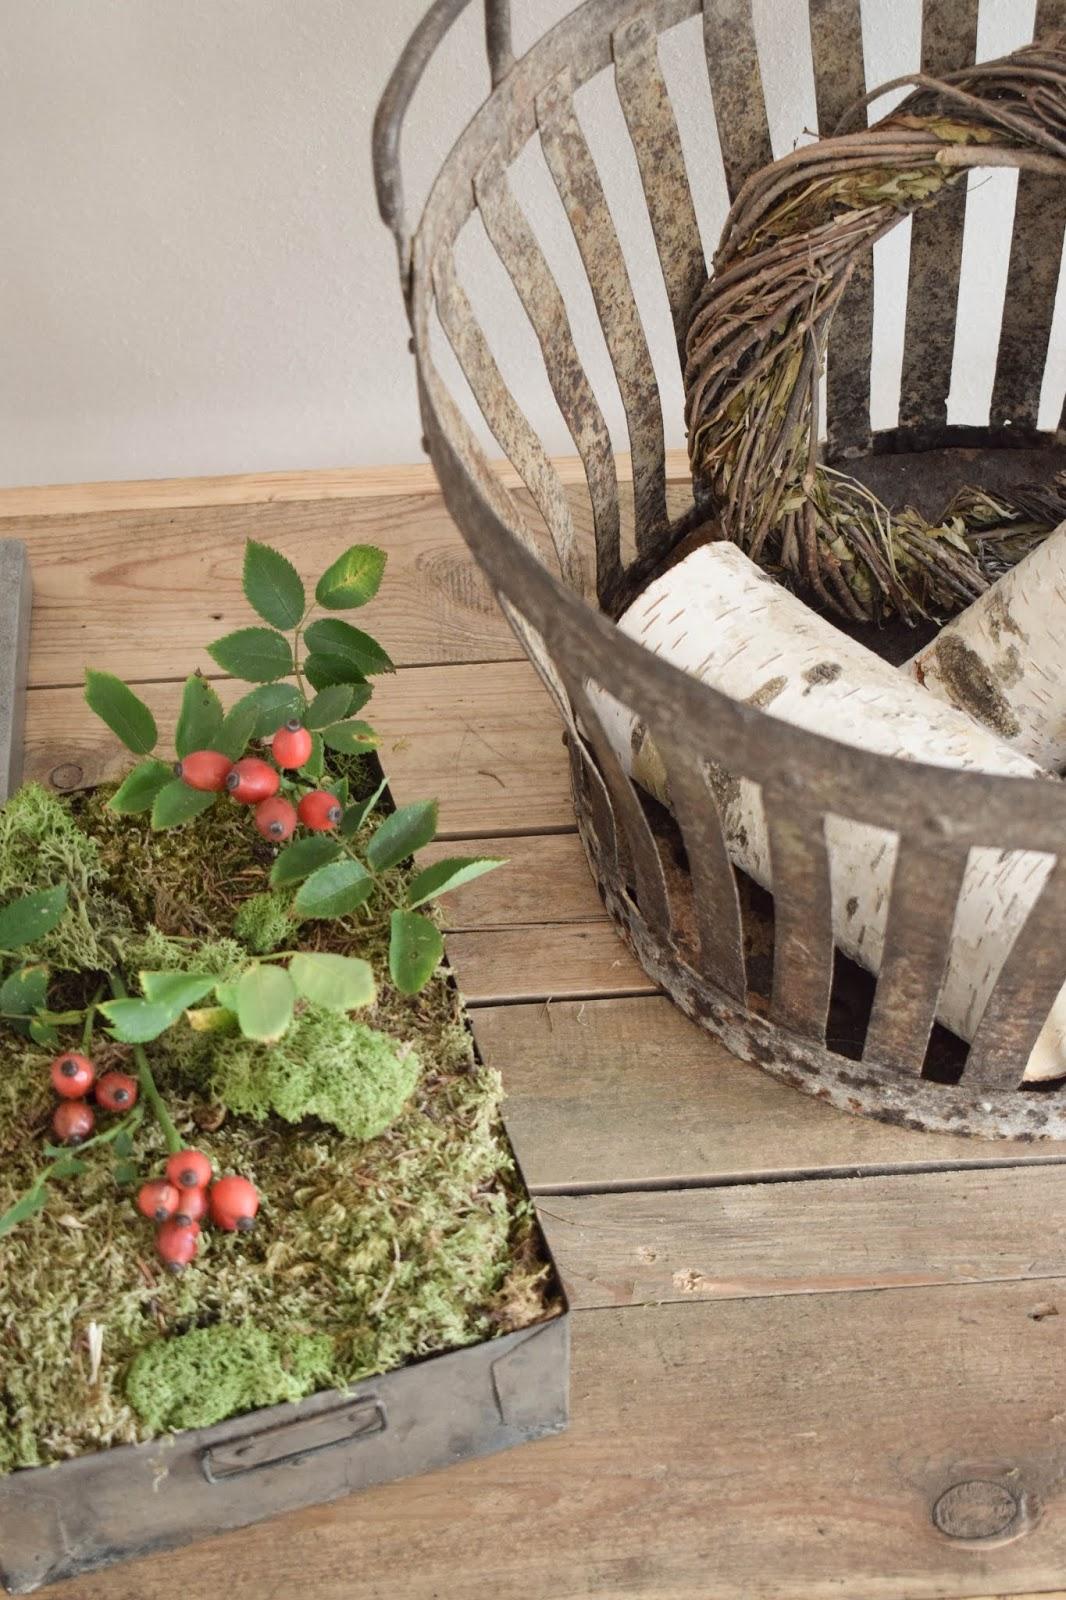 Herbstliche Deko für den Tisch, Sideboard und Konsole. Dekoidee mit Moos, Hagebutte dekorationen